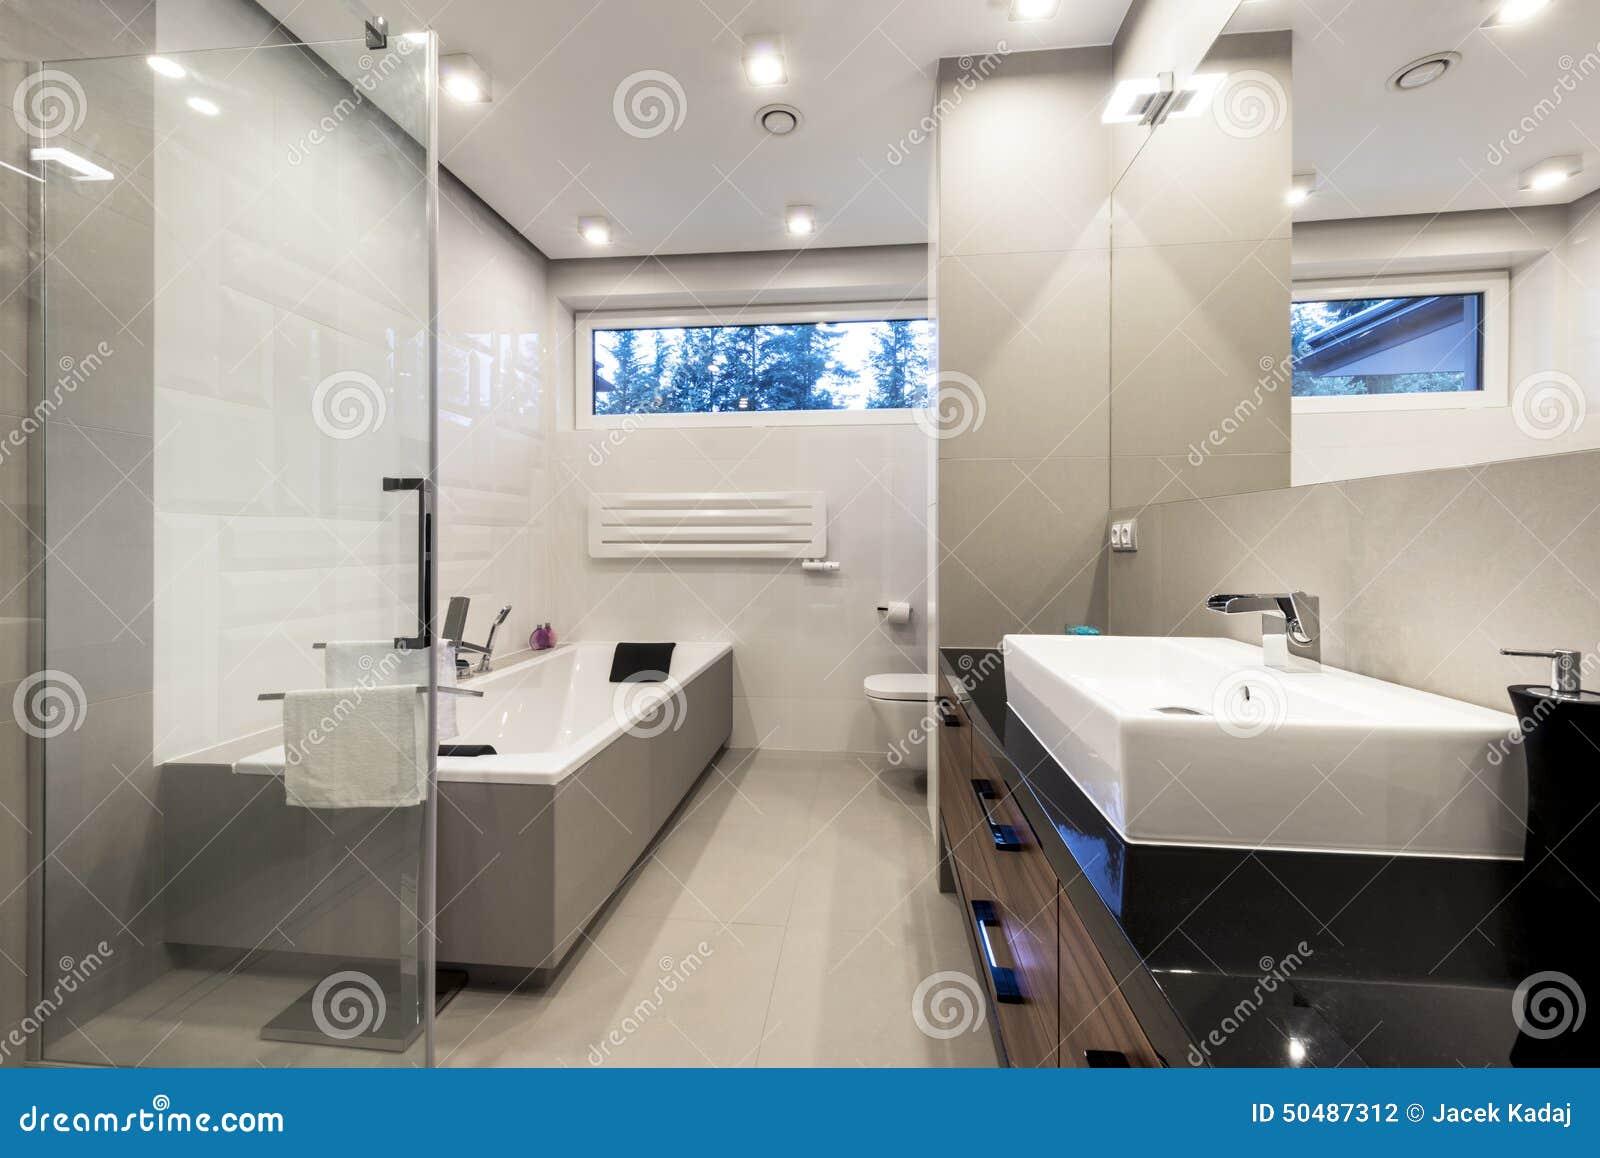 Modernes Luxusbadezimmer Mit Bad